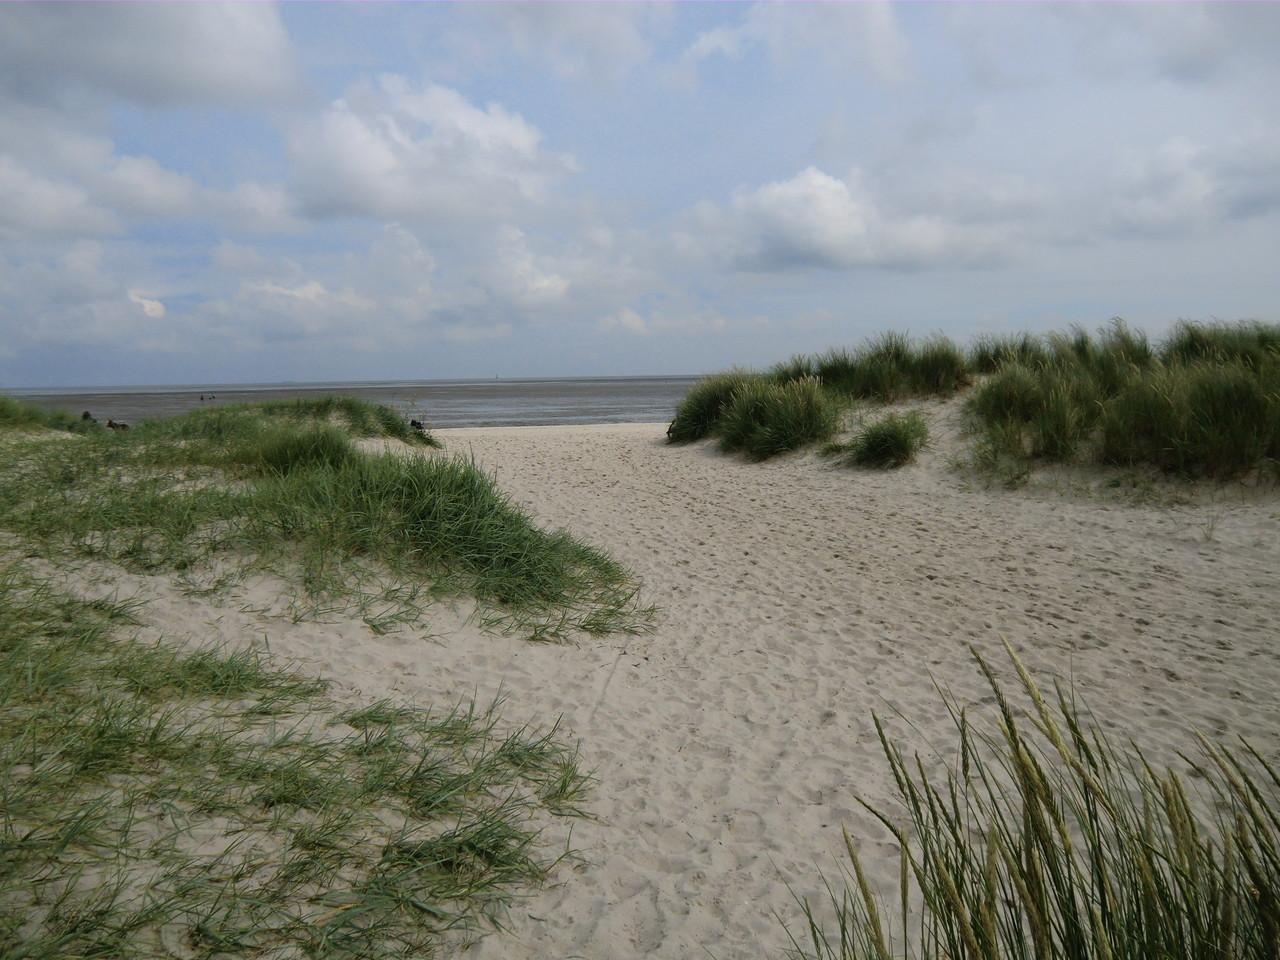 So schön kann der Strand auch sein